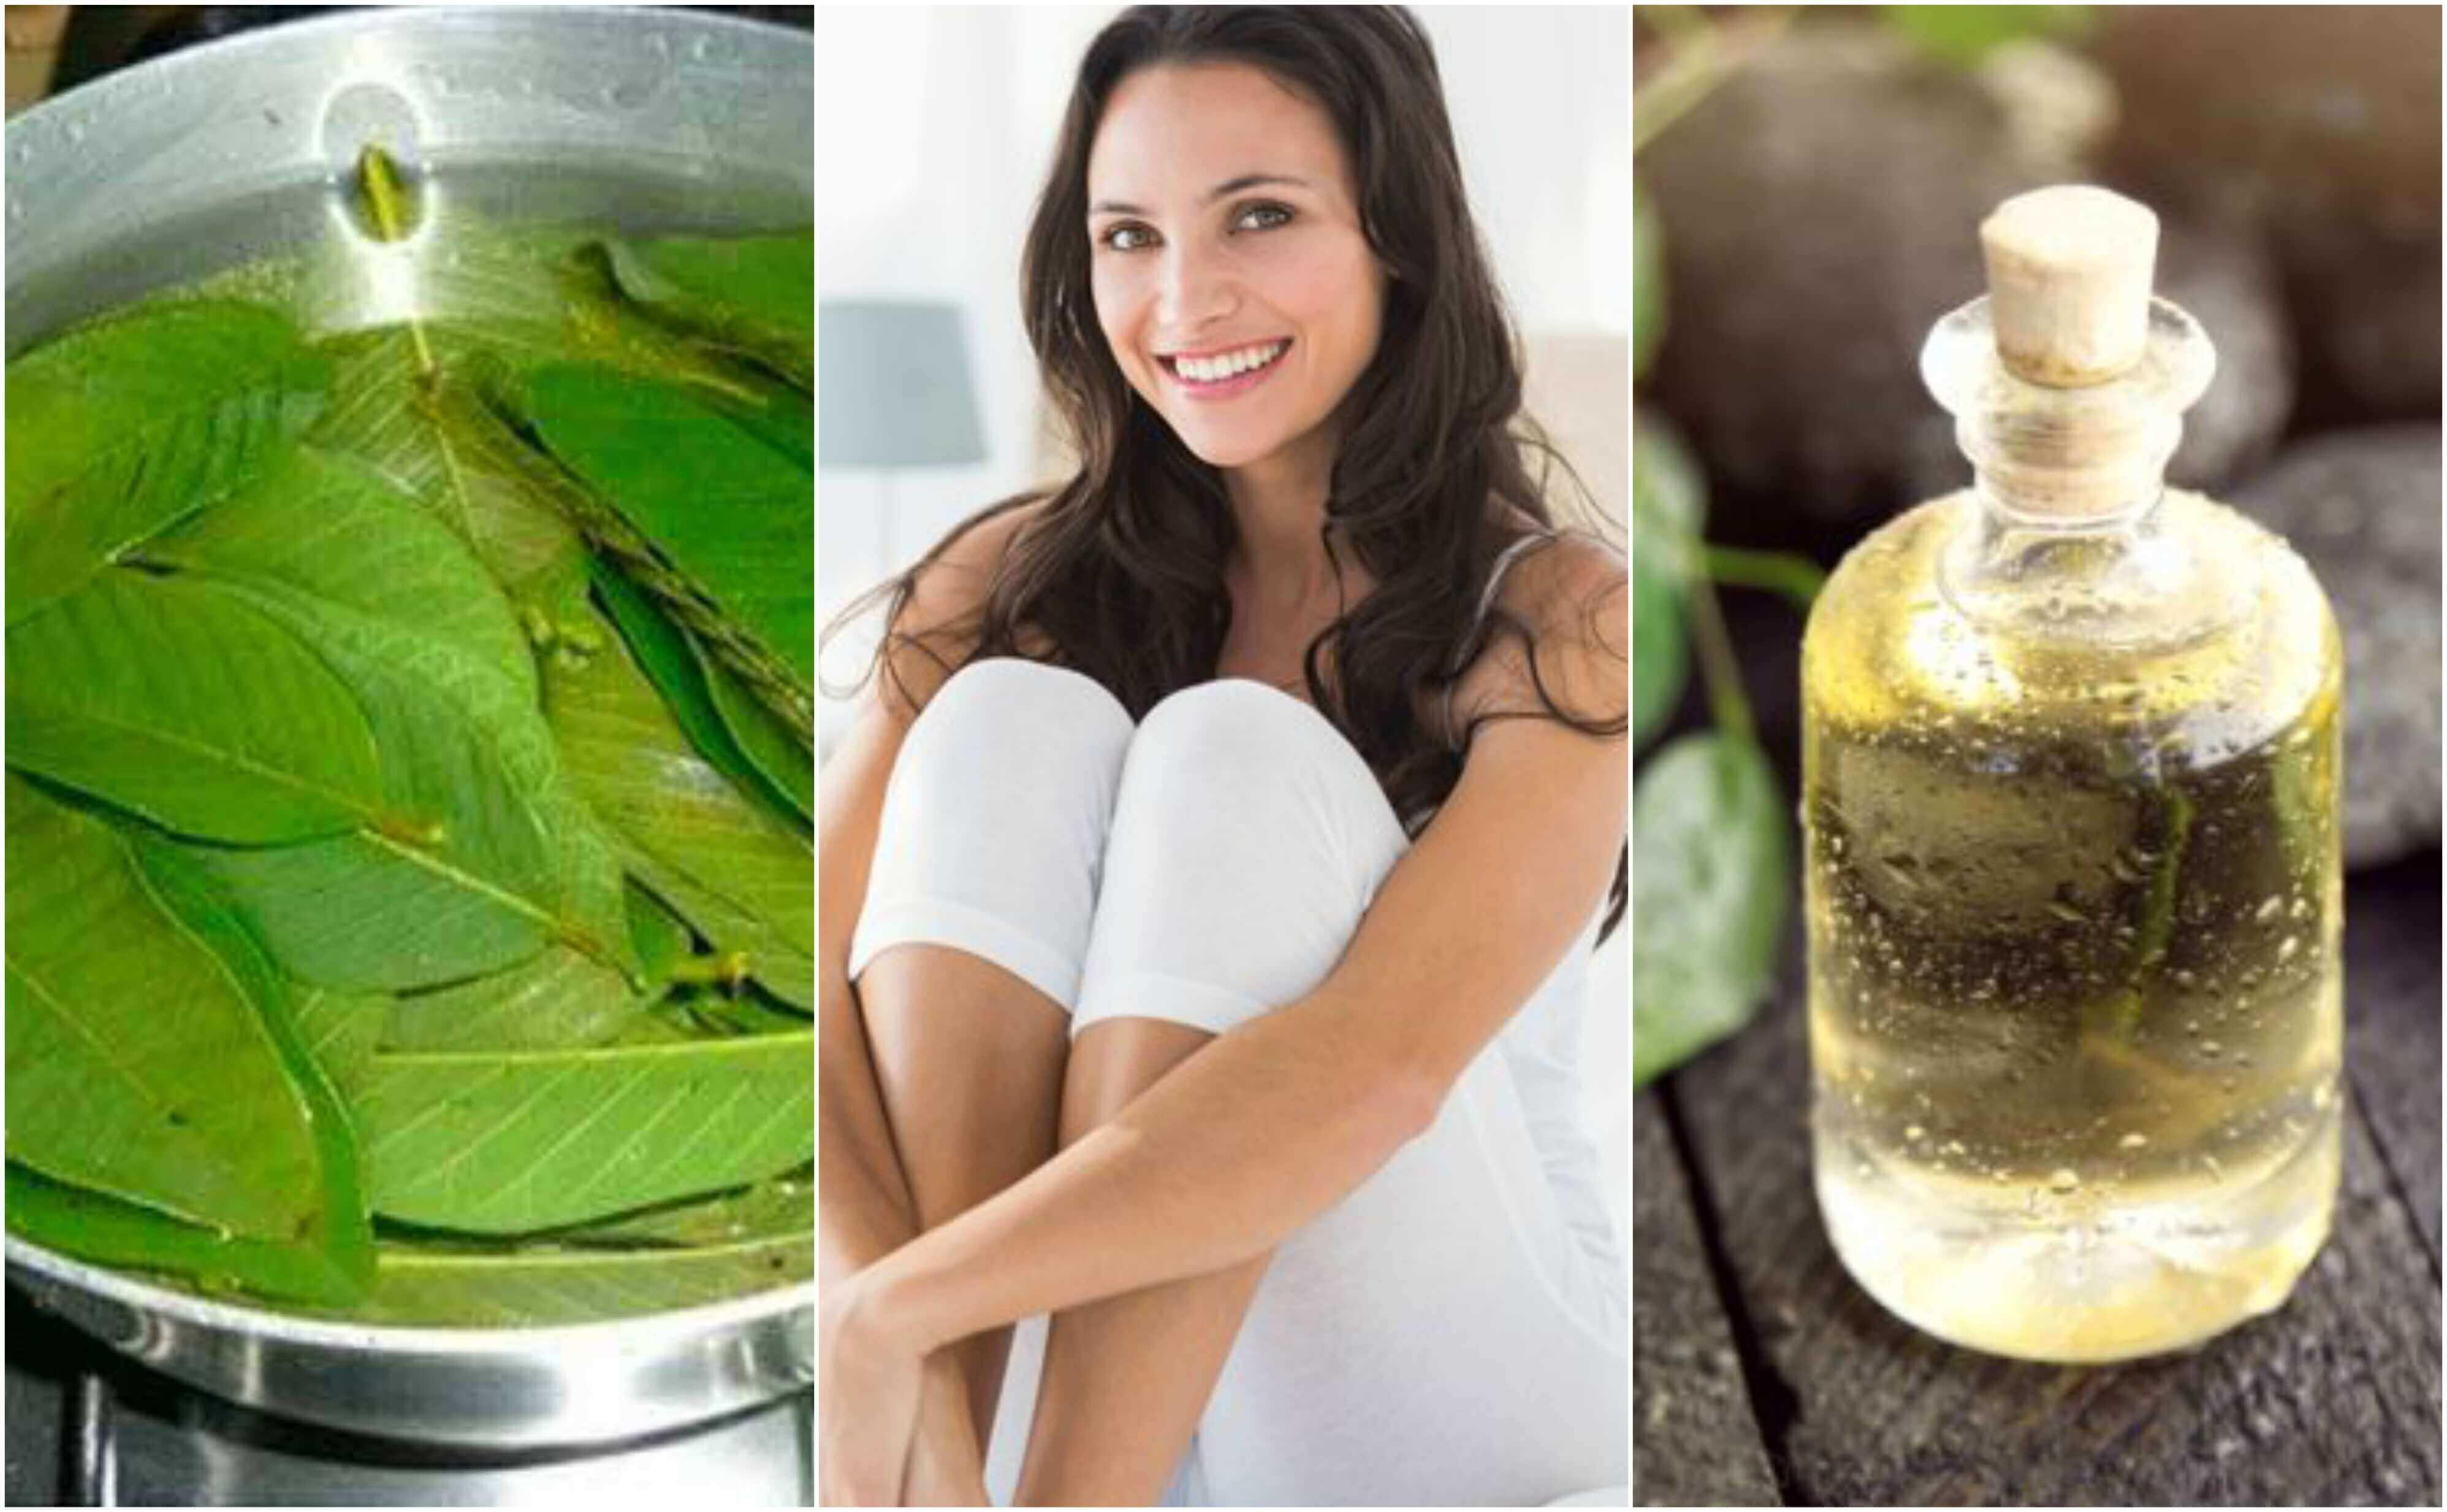 Φυσικές θεραπείες για τις ντροπιαστικές οσμές του κόλπου